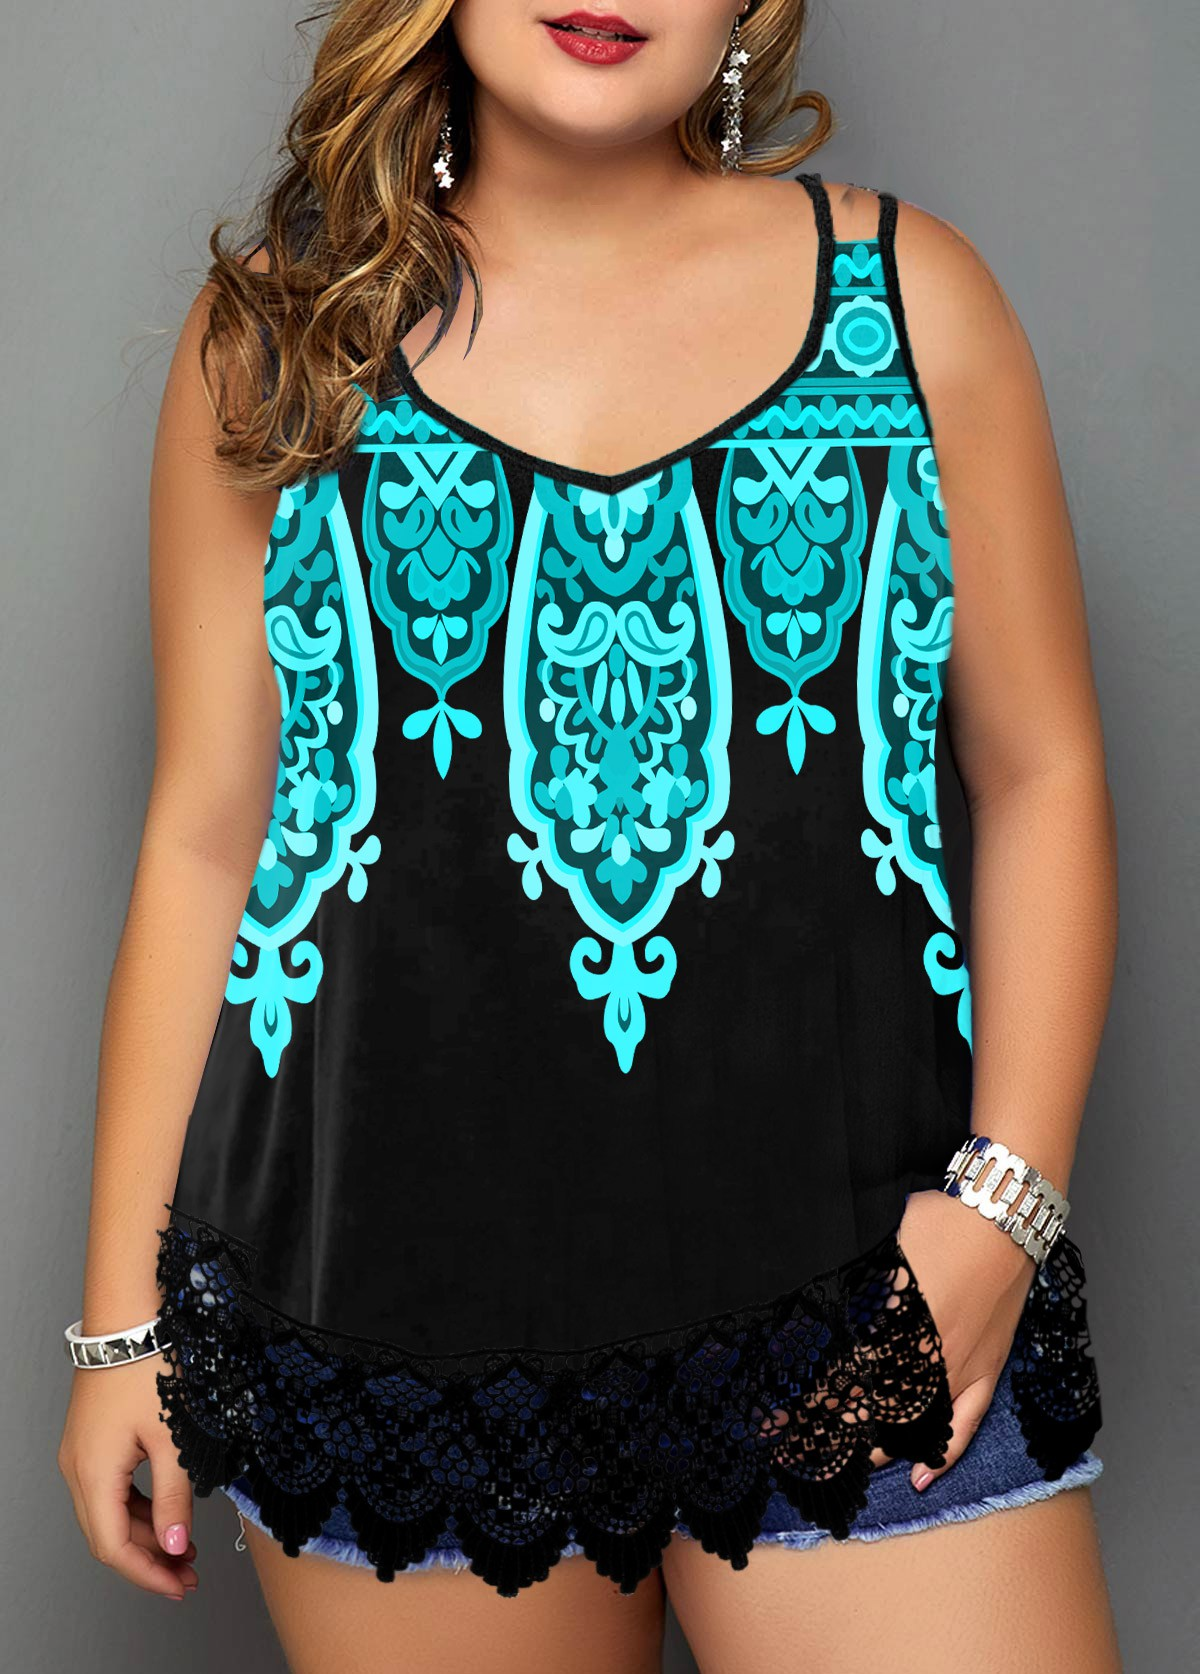 Lace Trim Plus Size Tribal Print Camisole Top